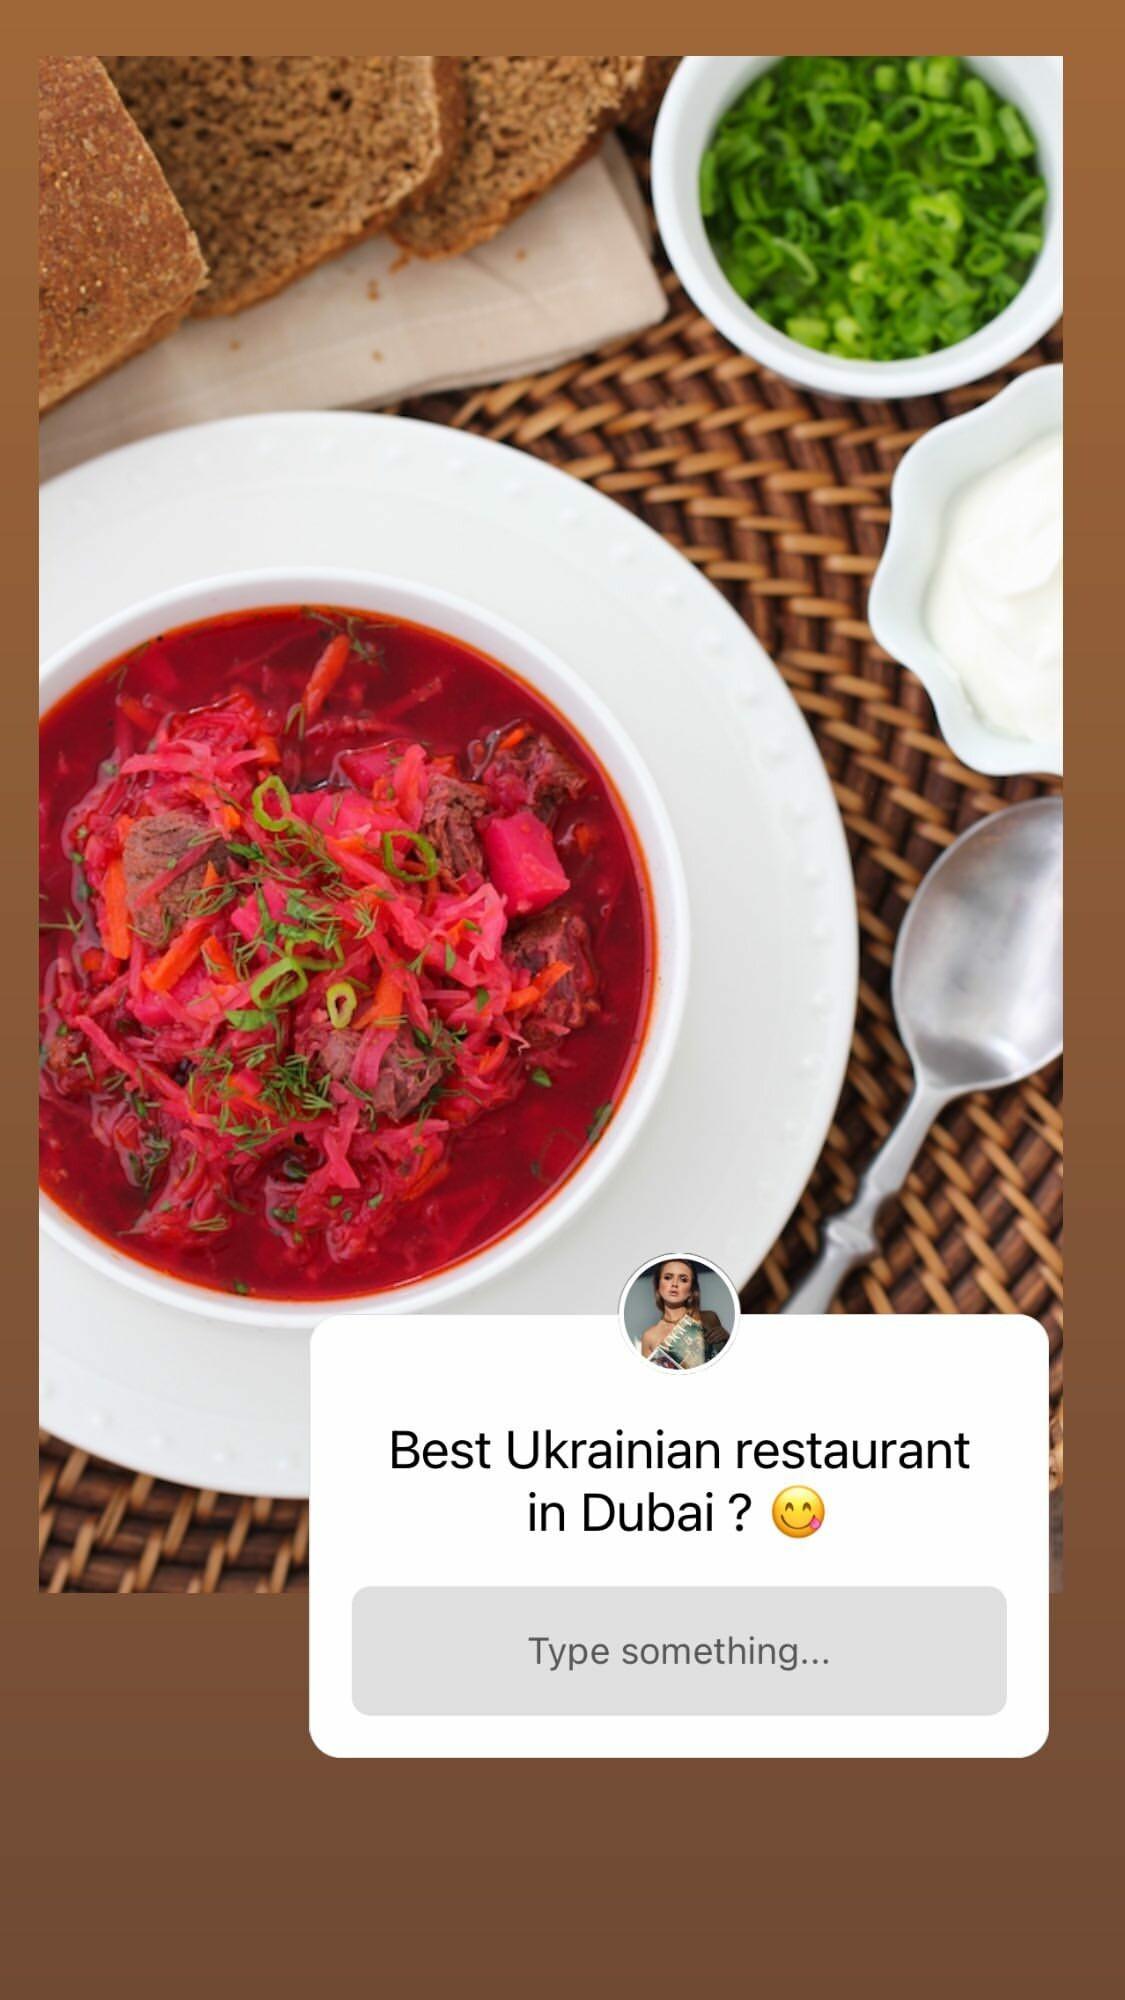 Послала поцелуй в вечернем платье: Свитолина шиканула в Эмиратах в украинском ресторане